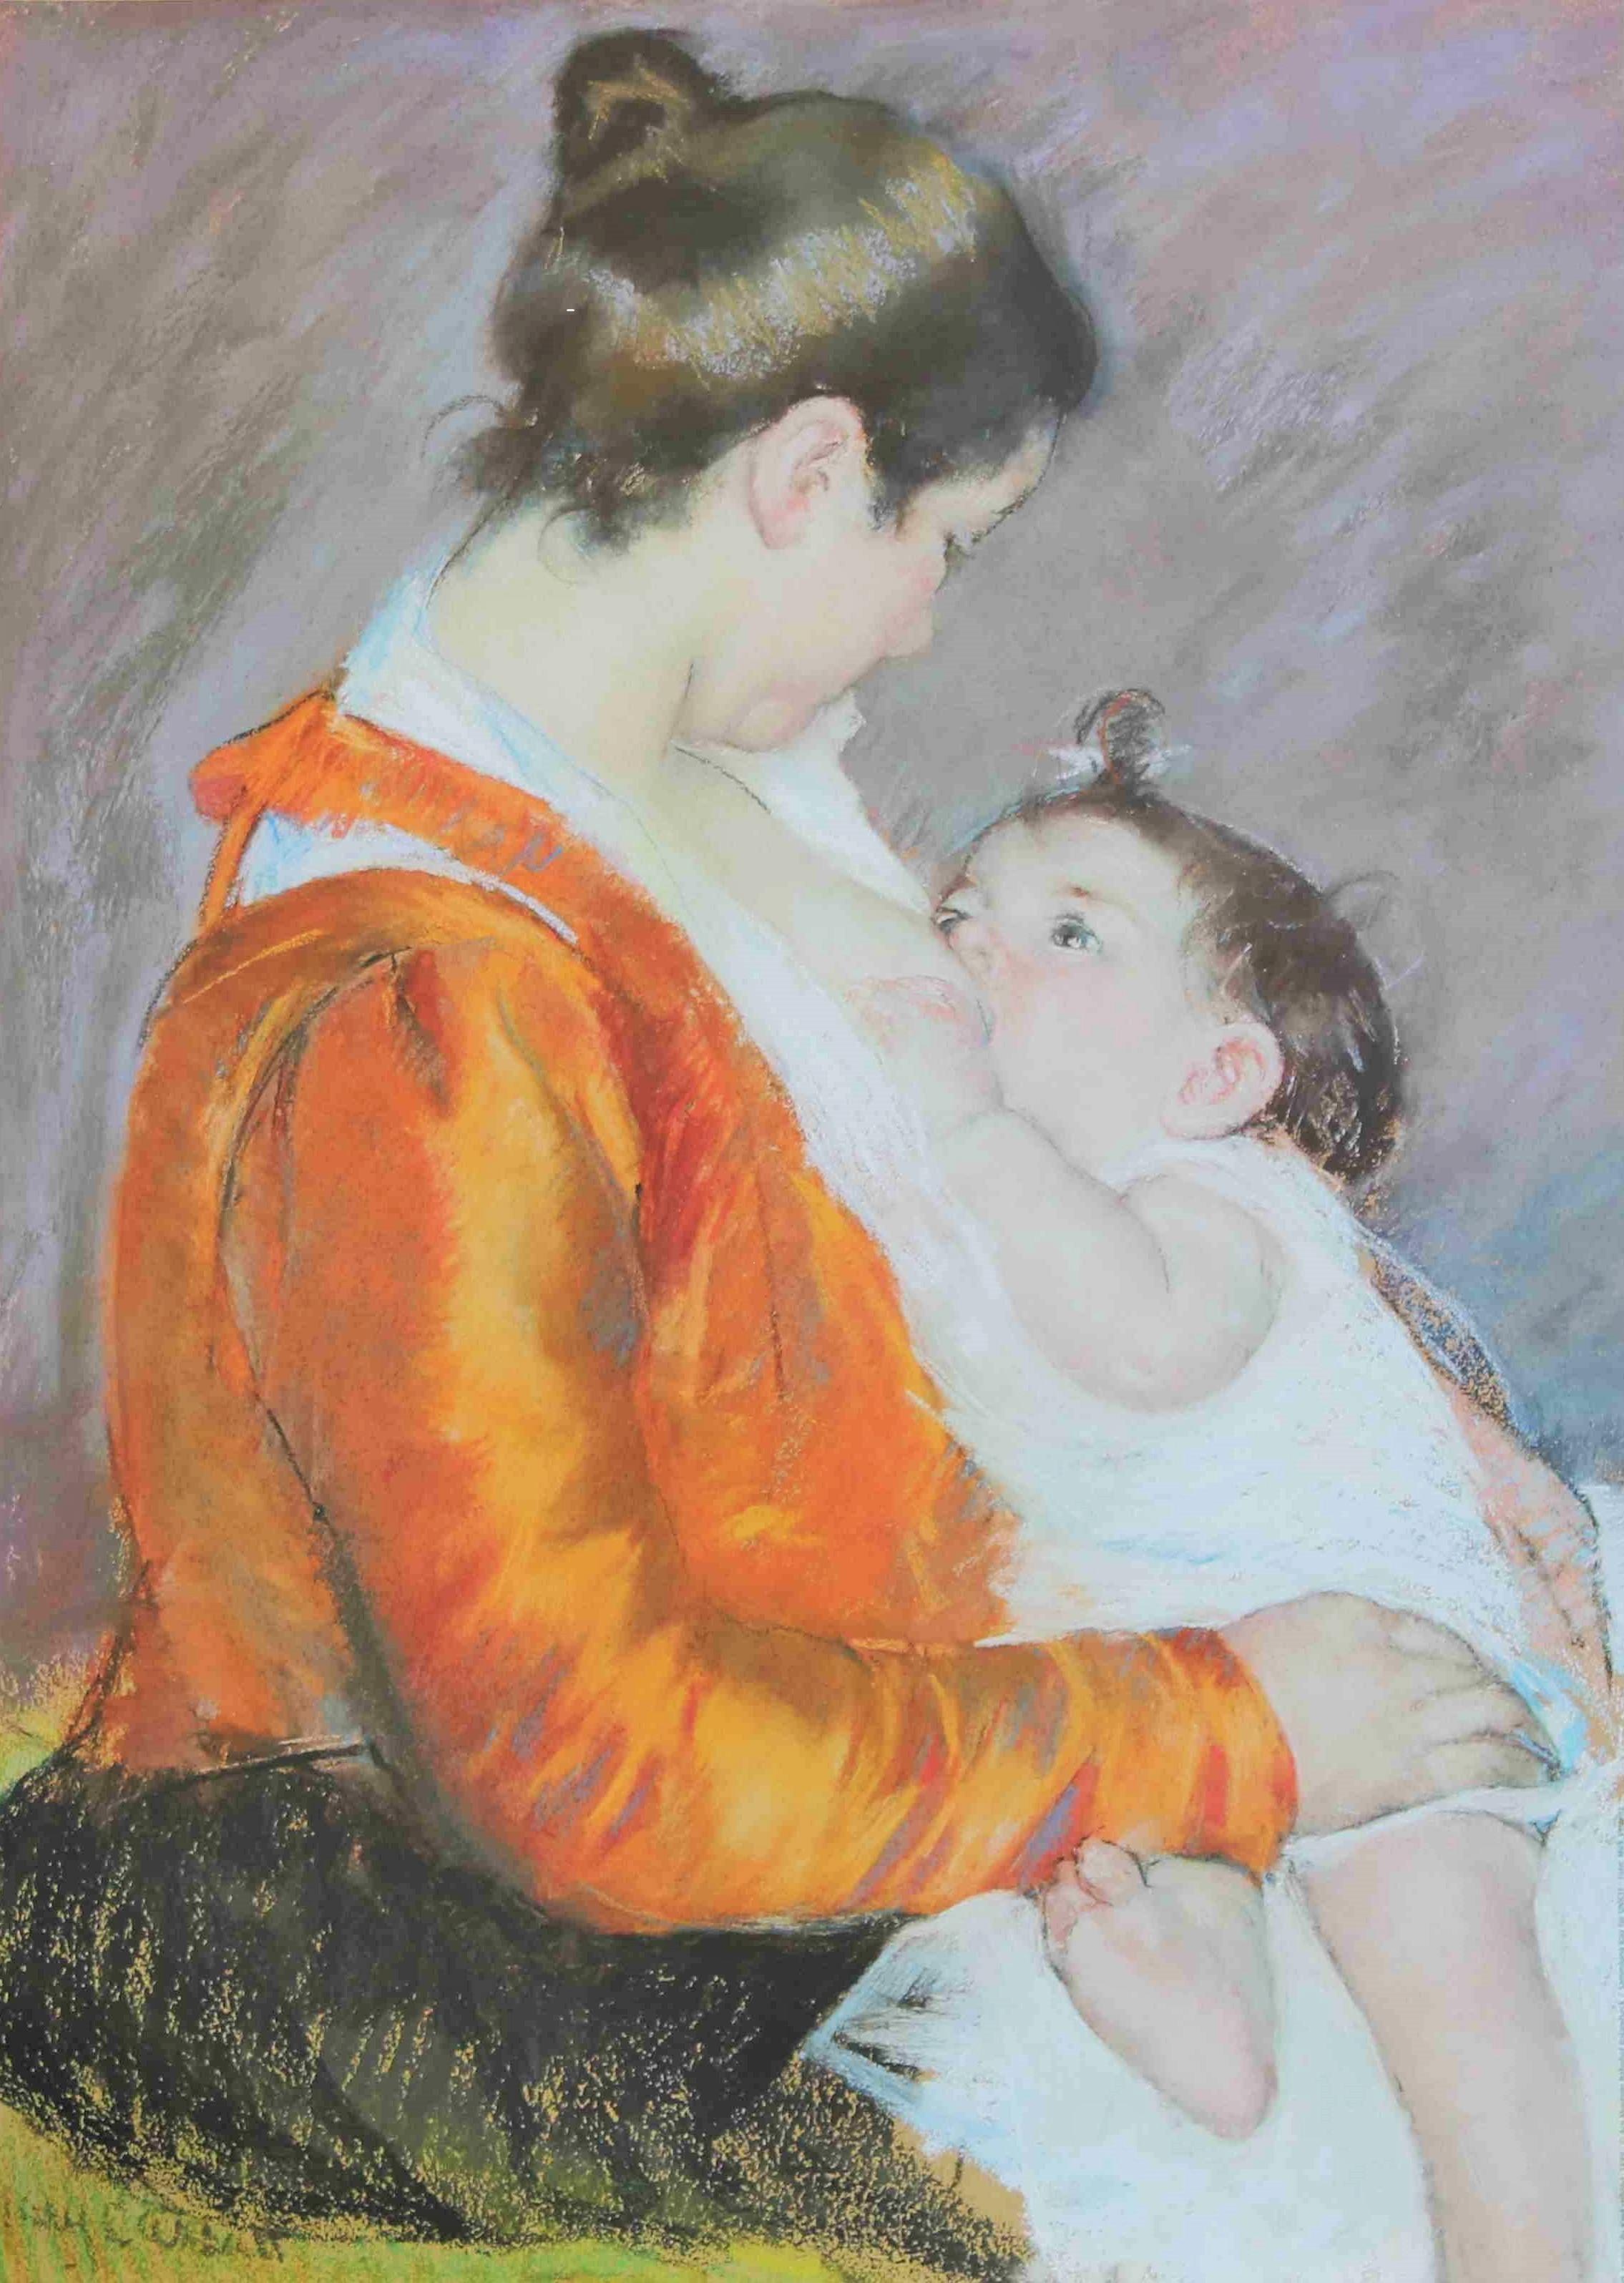 Kunstdr. Mary Casatta